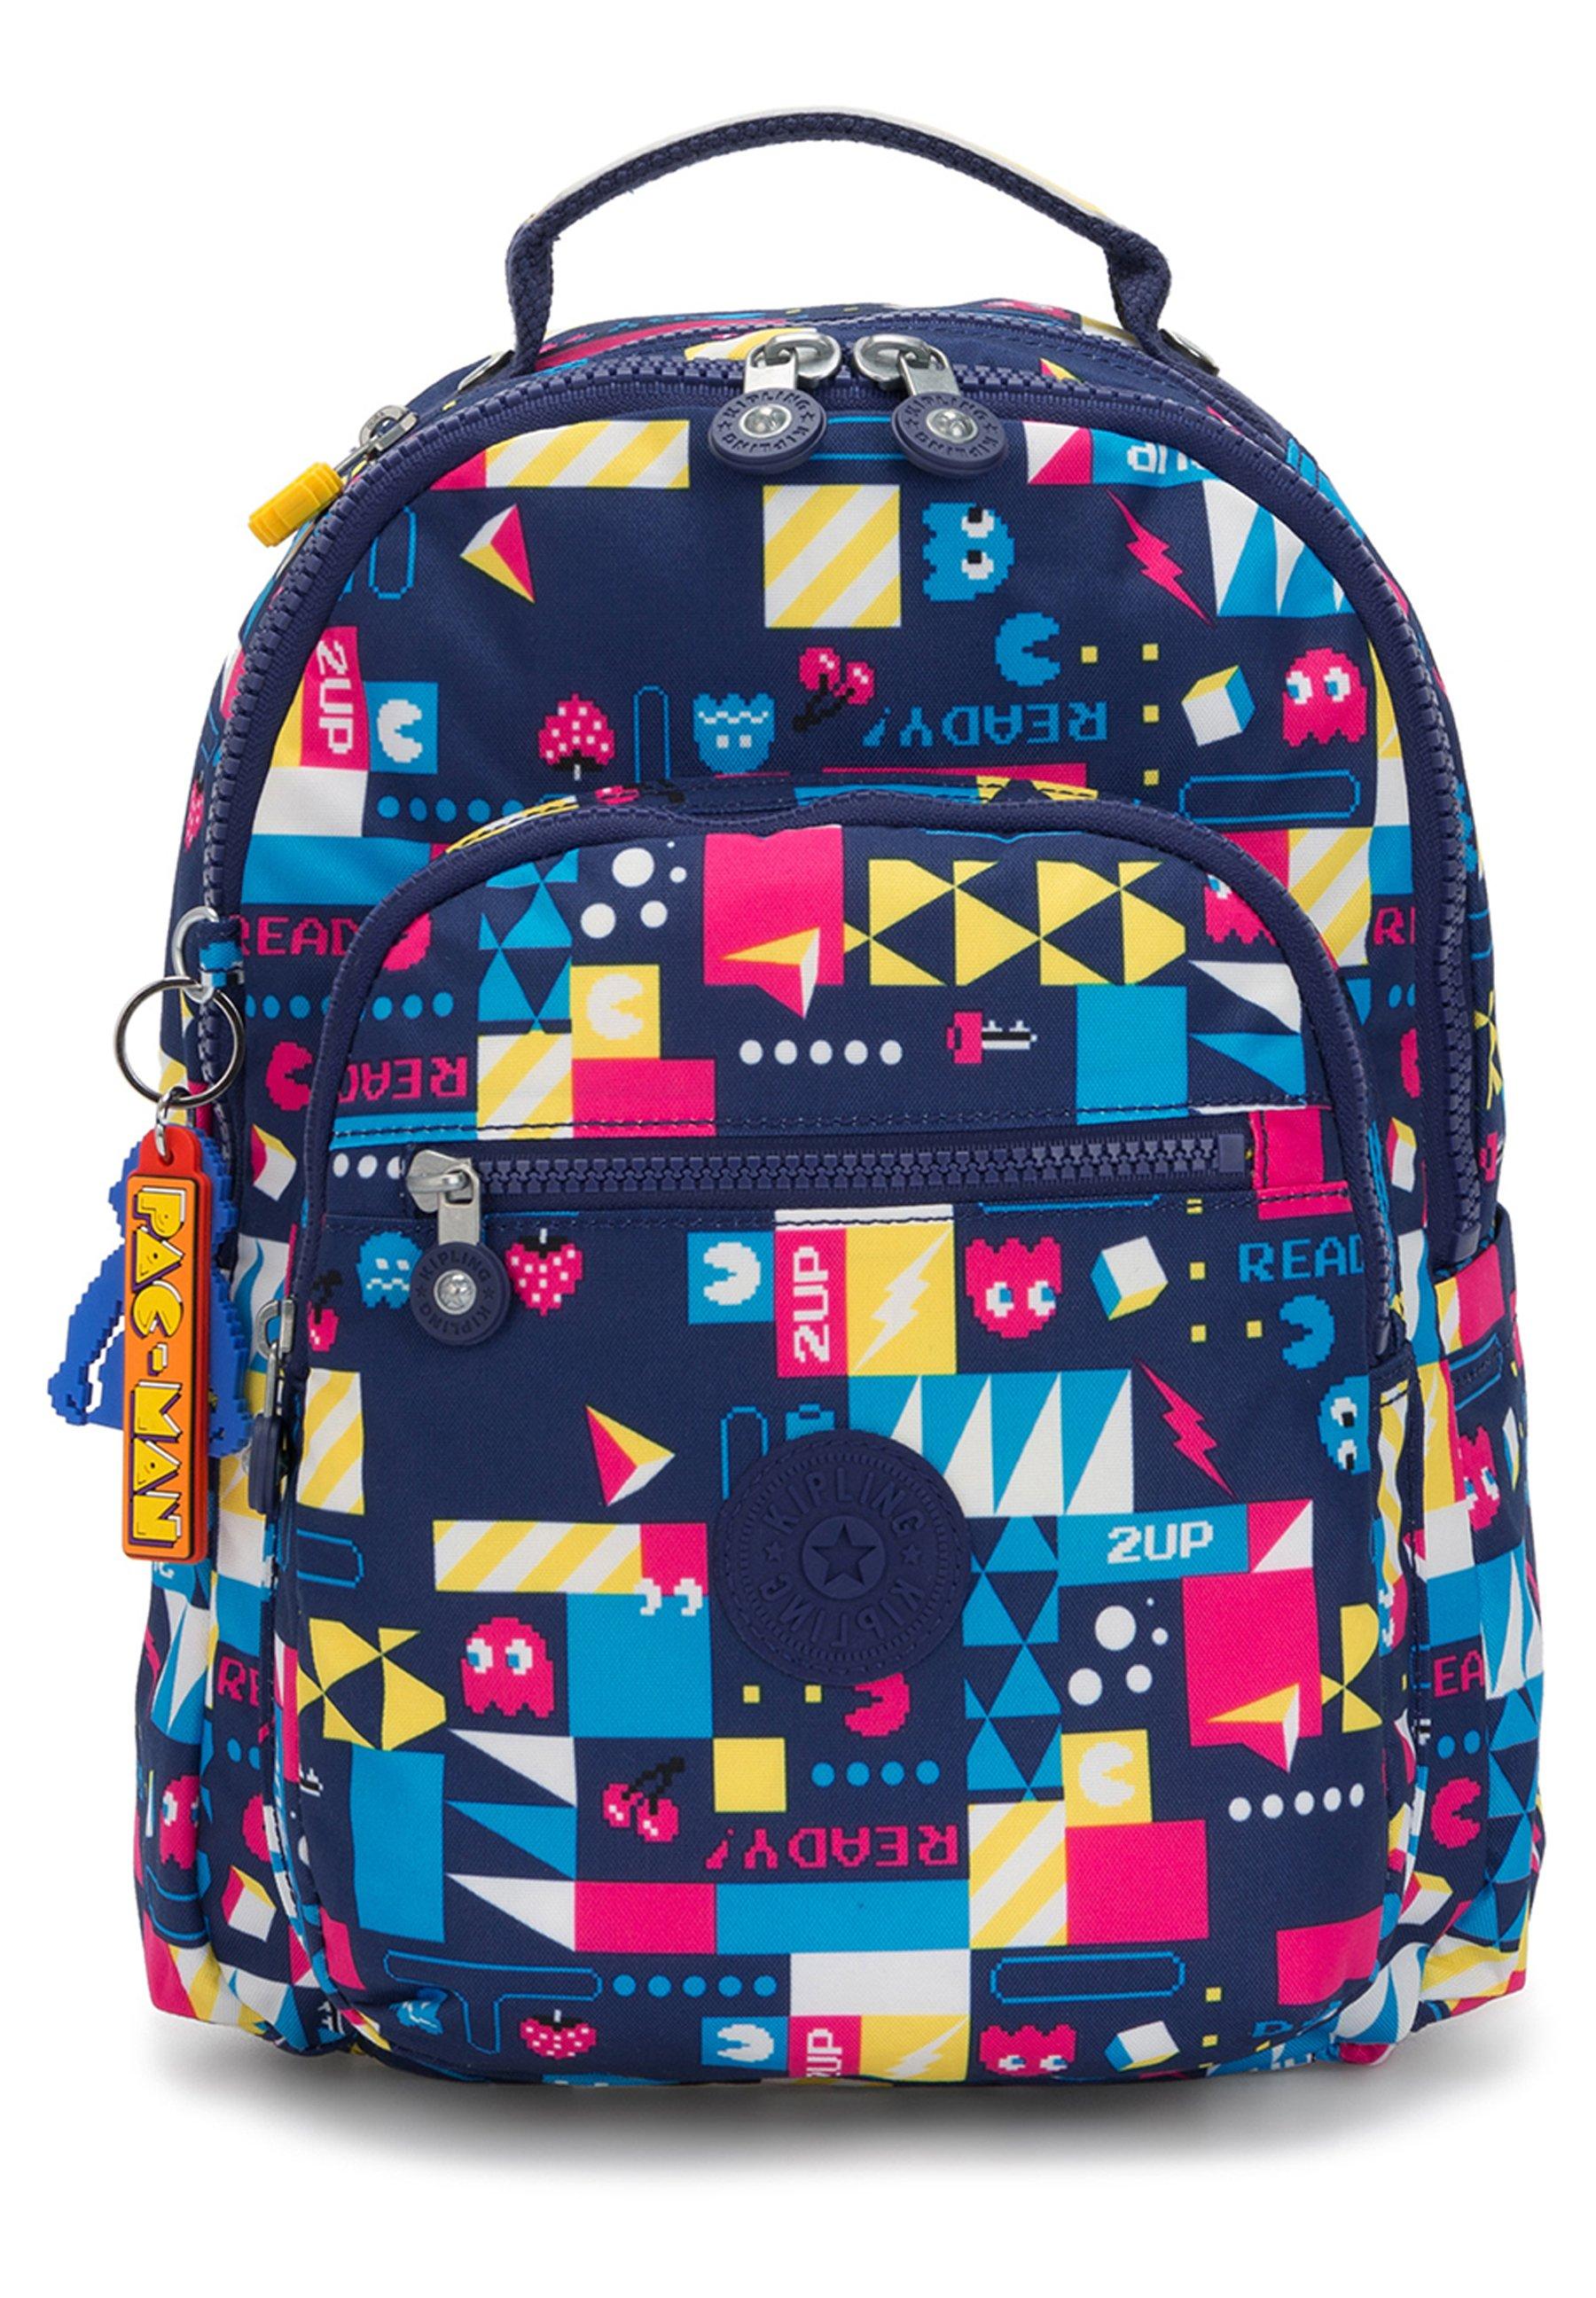 Skolväskor & ryggsäckar | Barn | Köp en skolväska online på